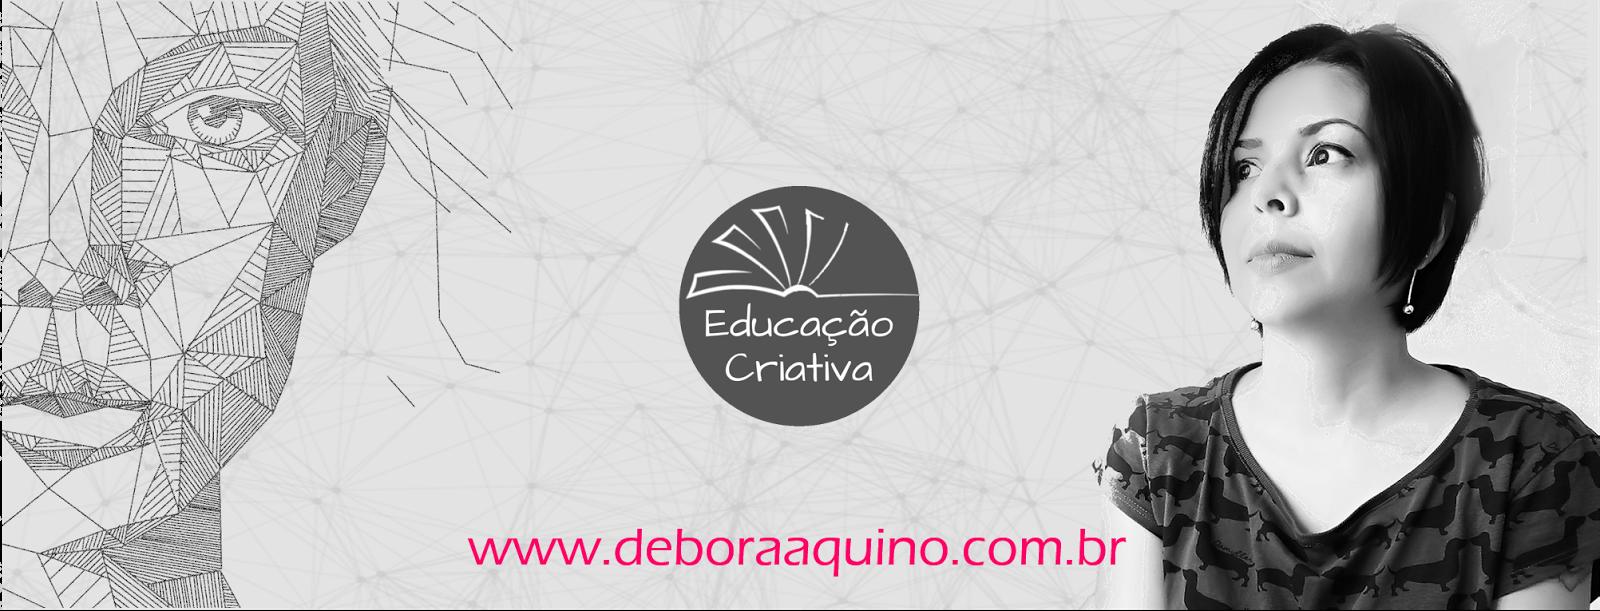 Educação Criativa